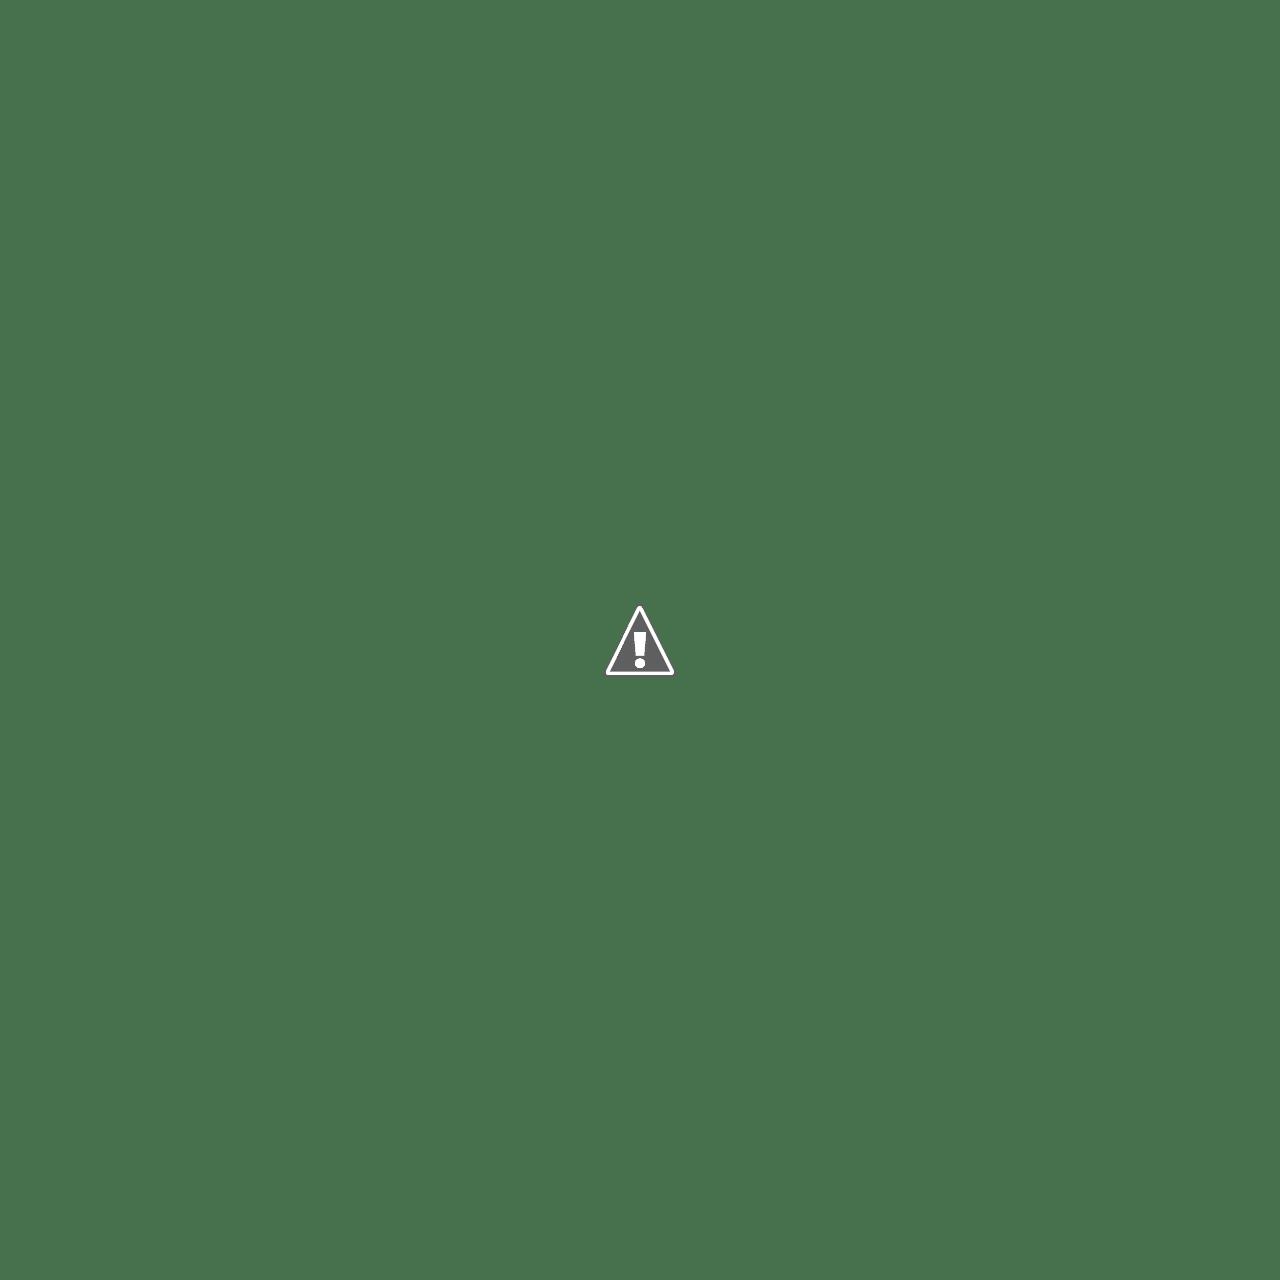 Une Heure Pour Soi Fameck Tarifs hémassens relaxologie - centre de massages bien-être et